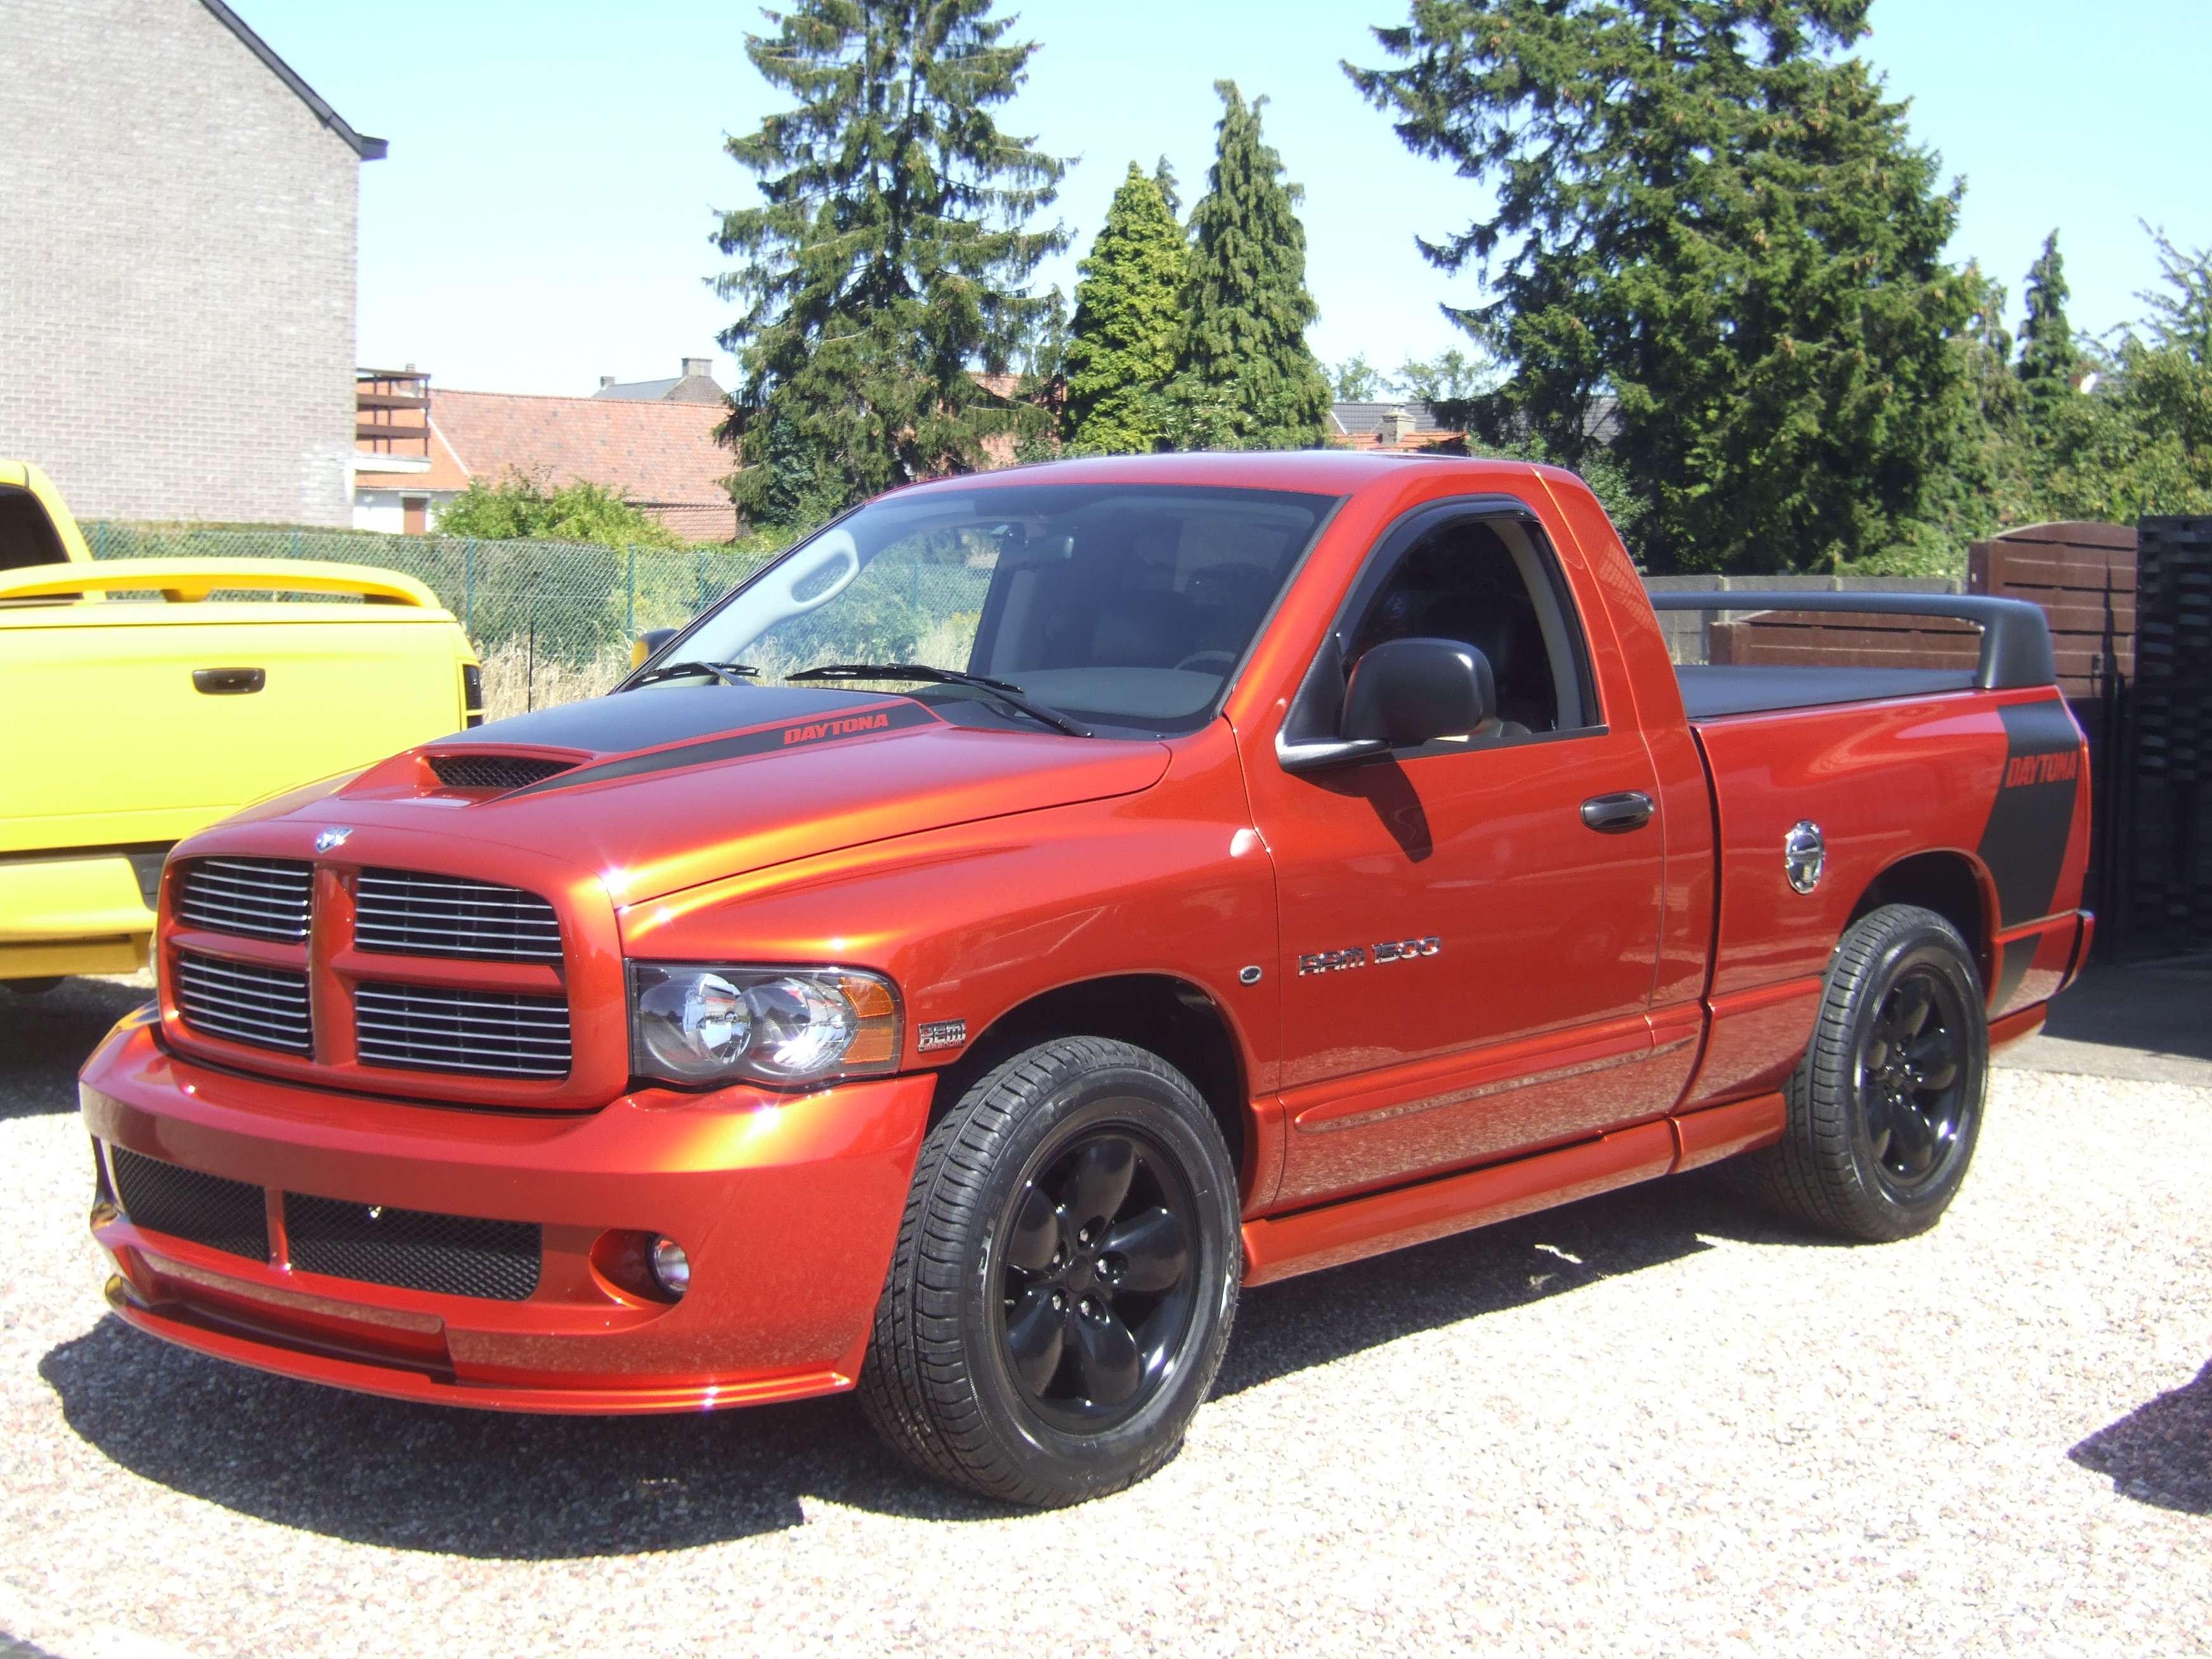 Dscf X on 2005 Dodge Ram Tailgate